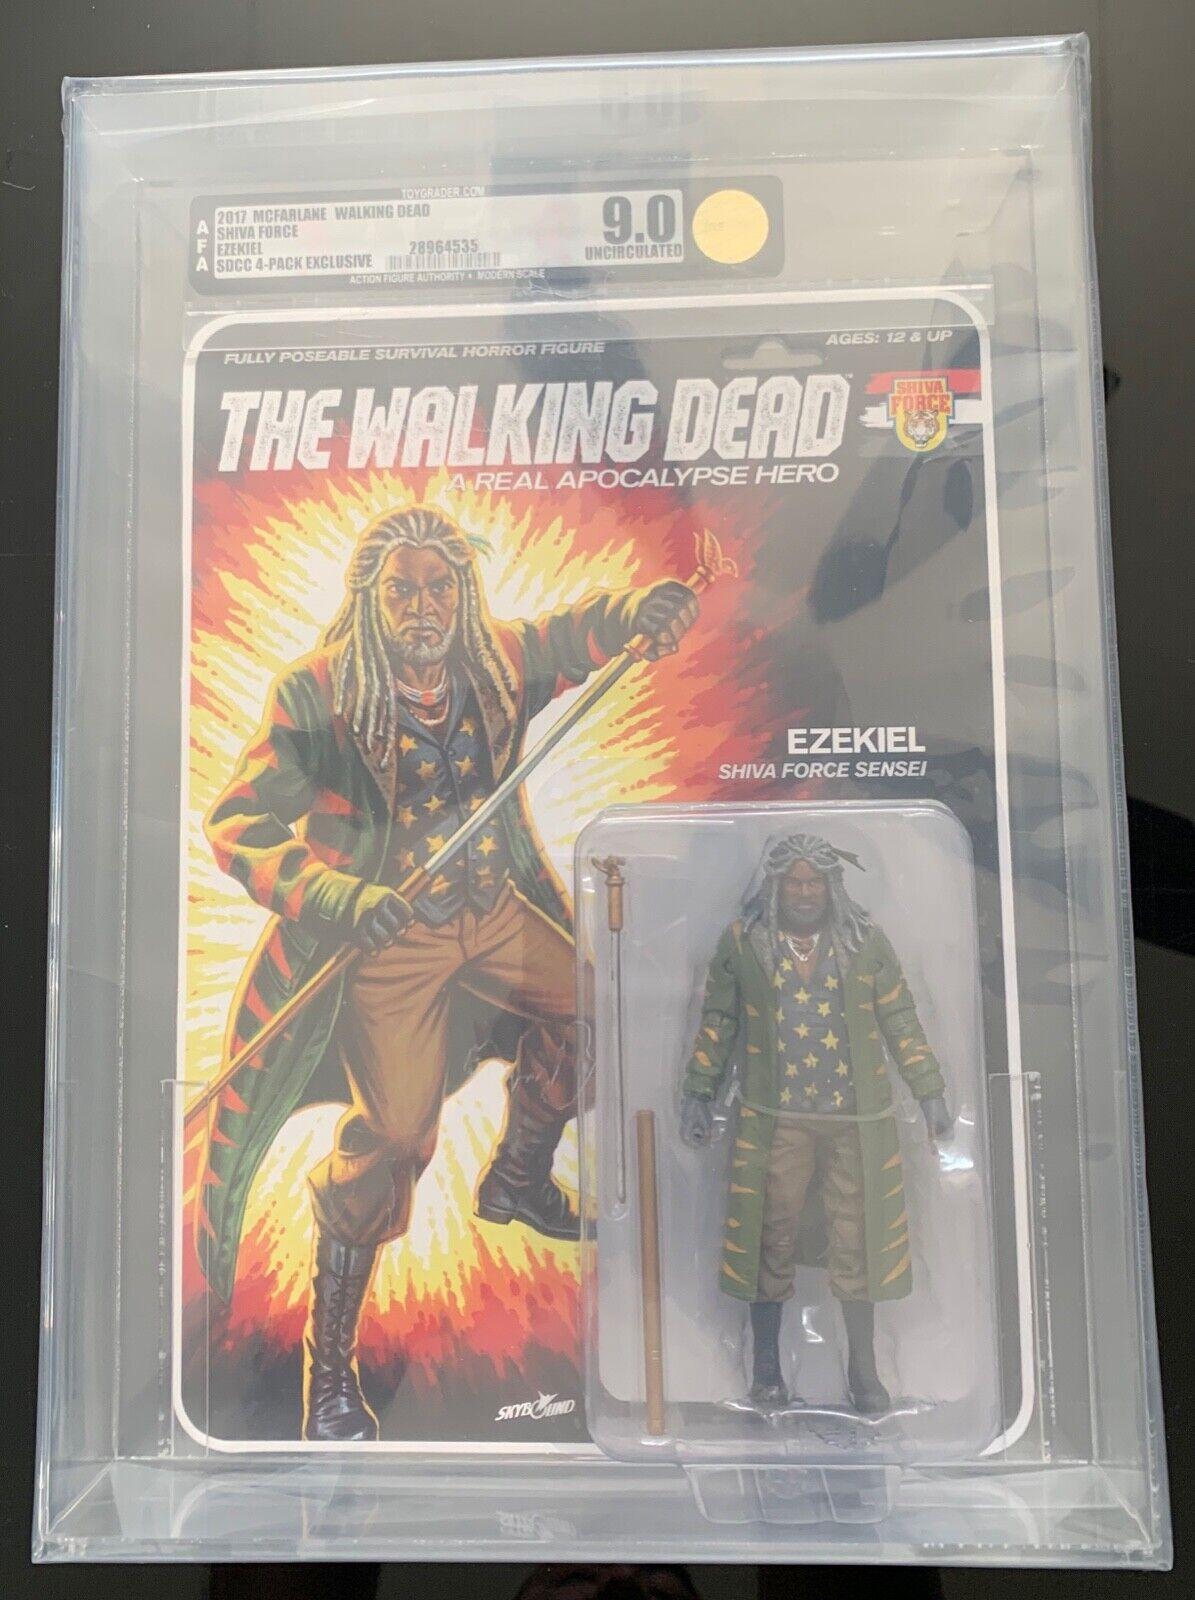 Walking Dead G.i. Joe Ezequiel San Diego comic-con 17 McFarlane Shiva fuerza Figura de Acción autoridad Uncirculated U9.0